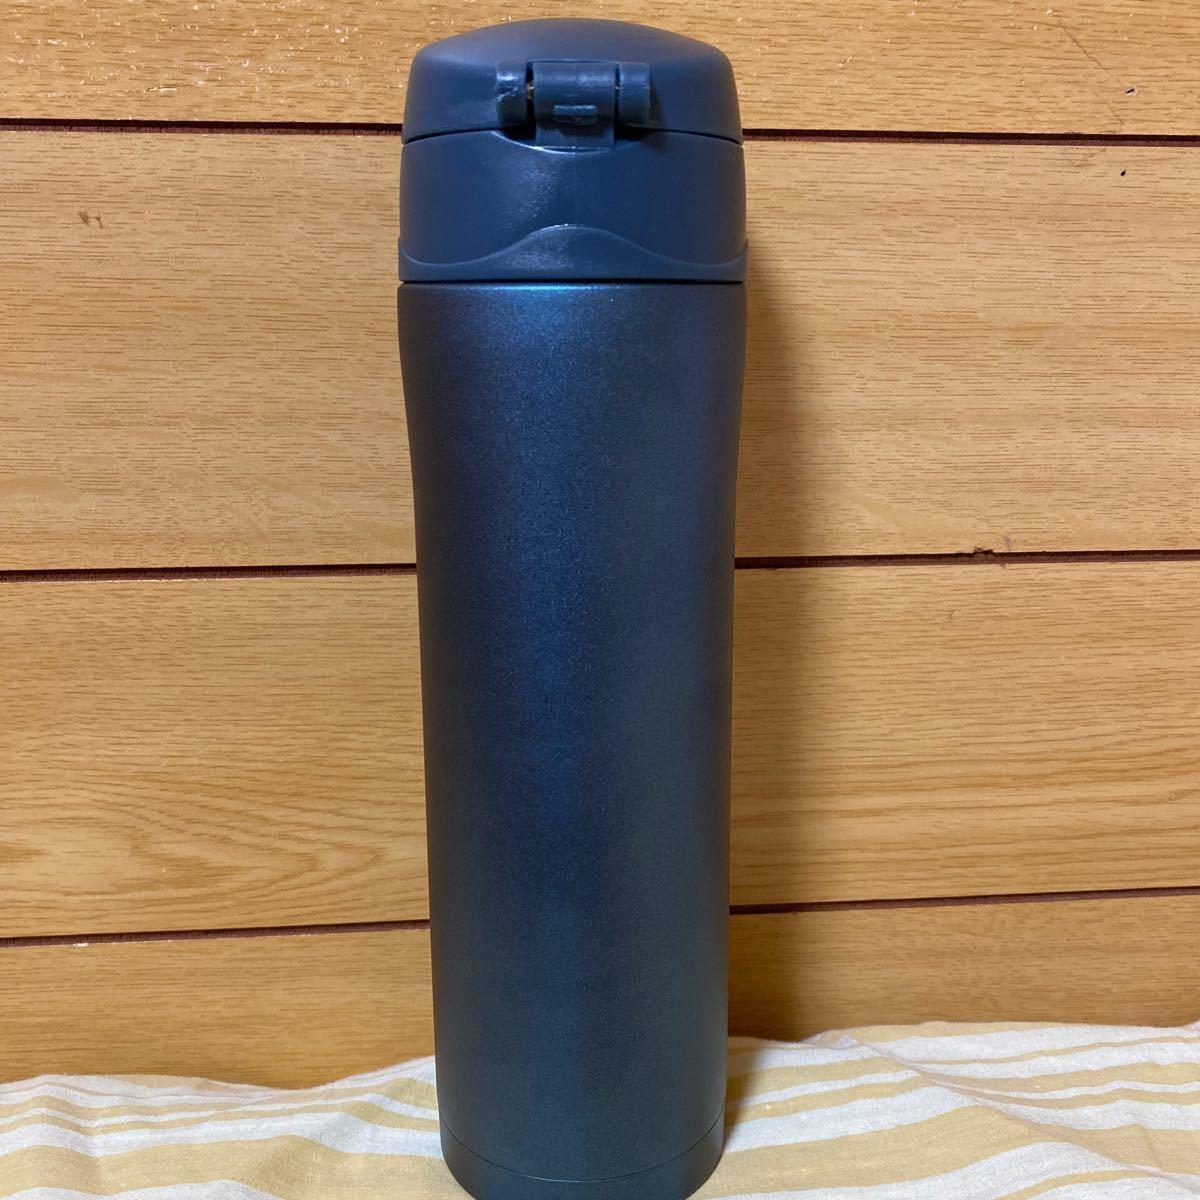 【ワンプッシュ】真空ステンレスボトル450ml 携帯用魔法瓶   新品、未使用 ケータイ 水筒